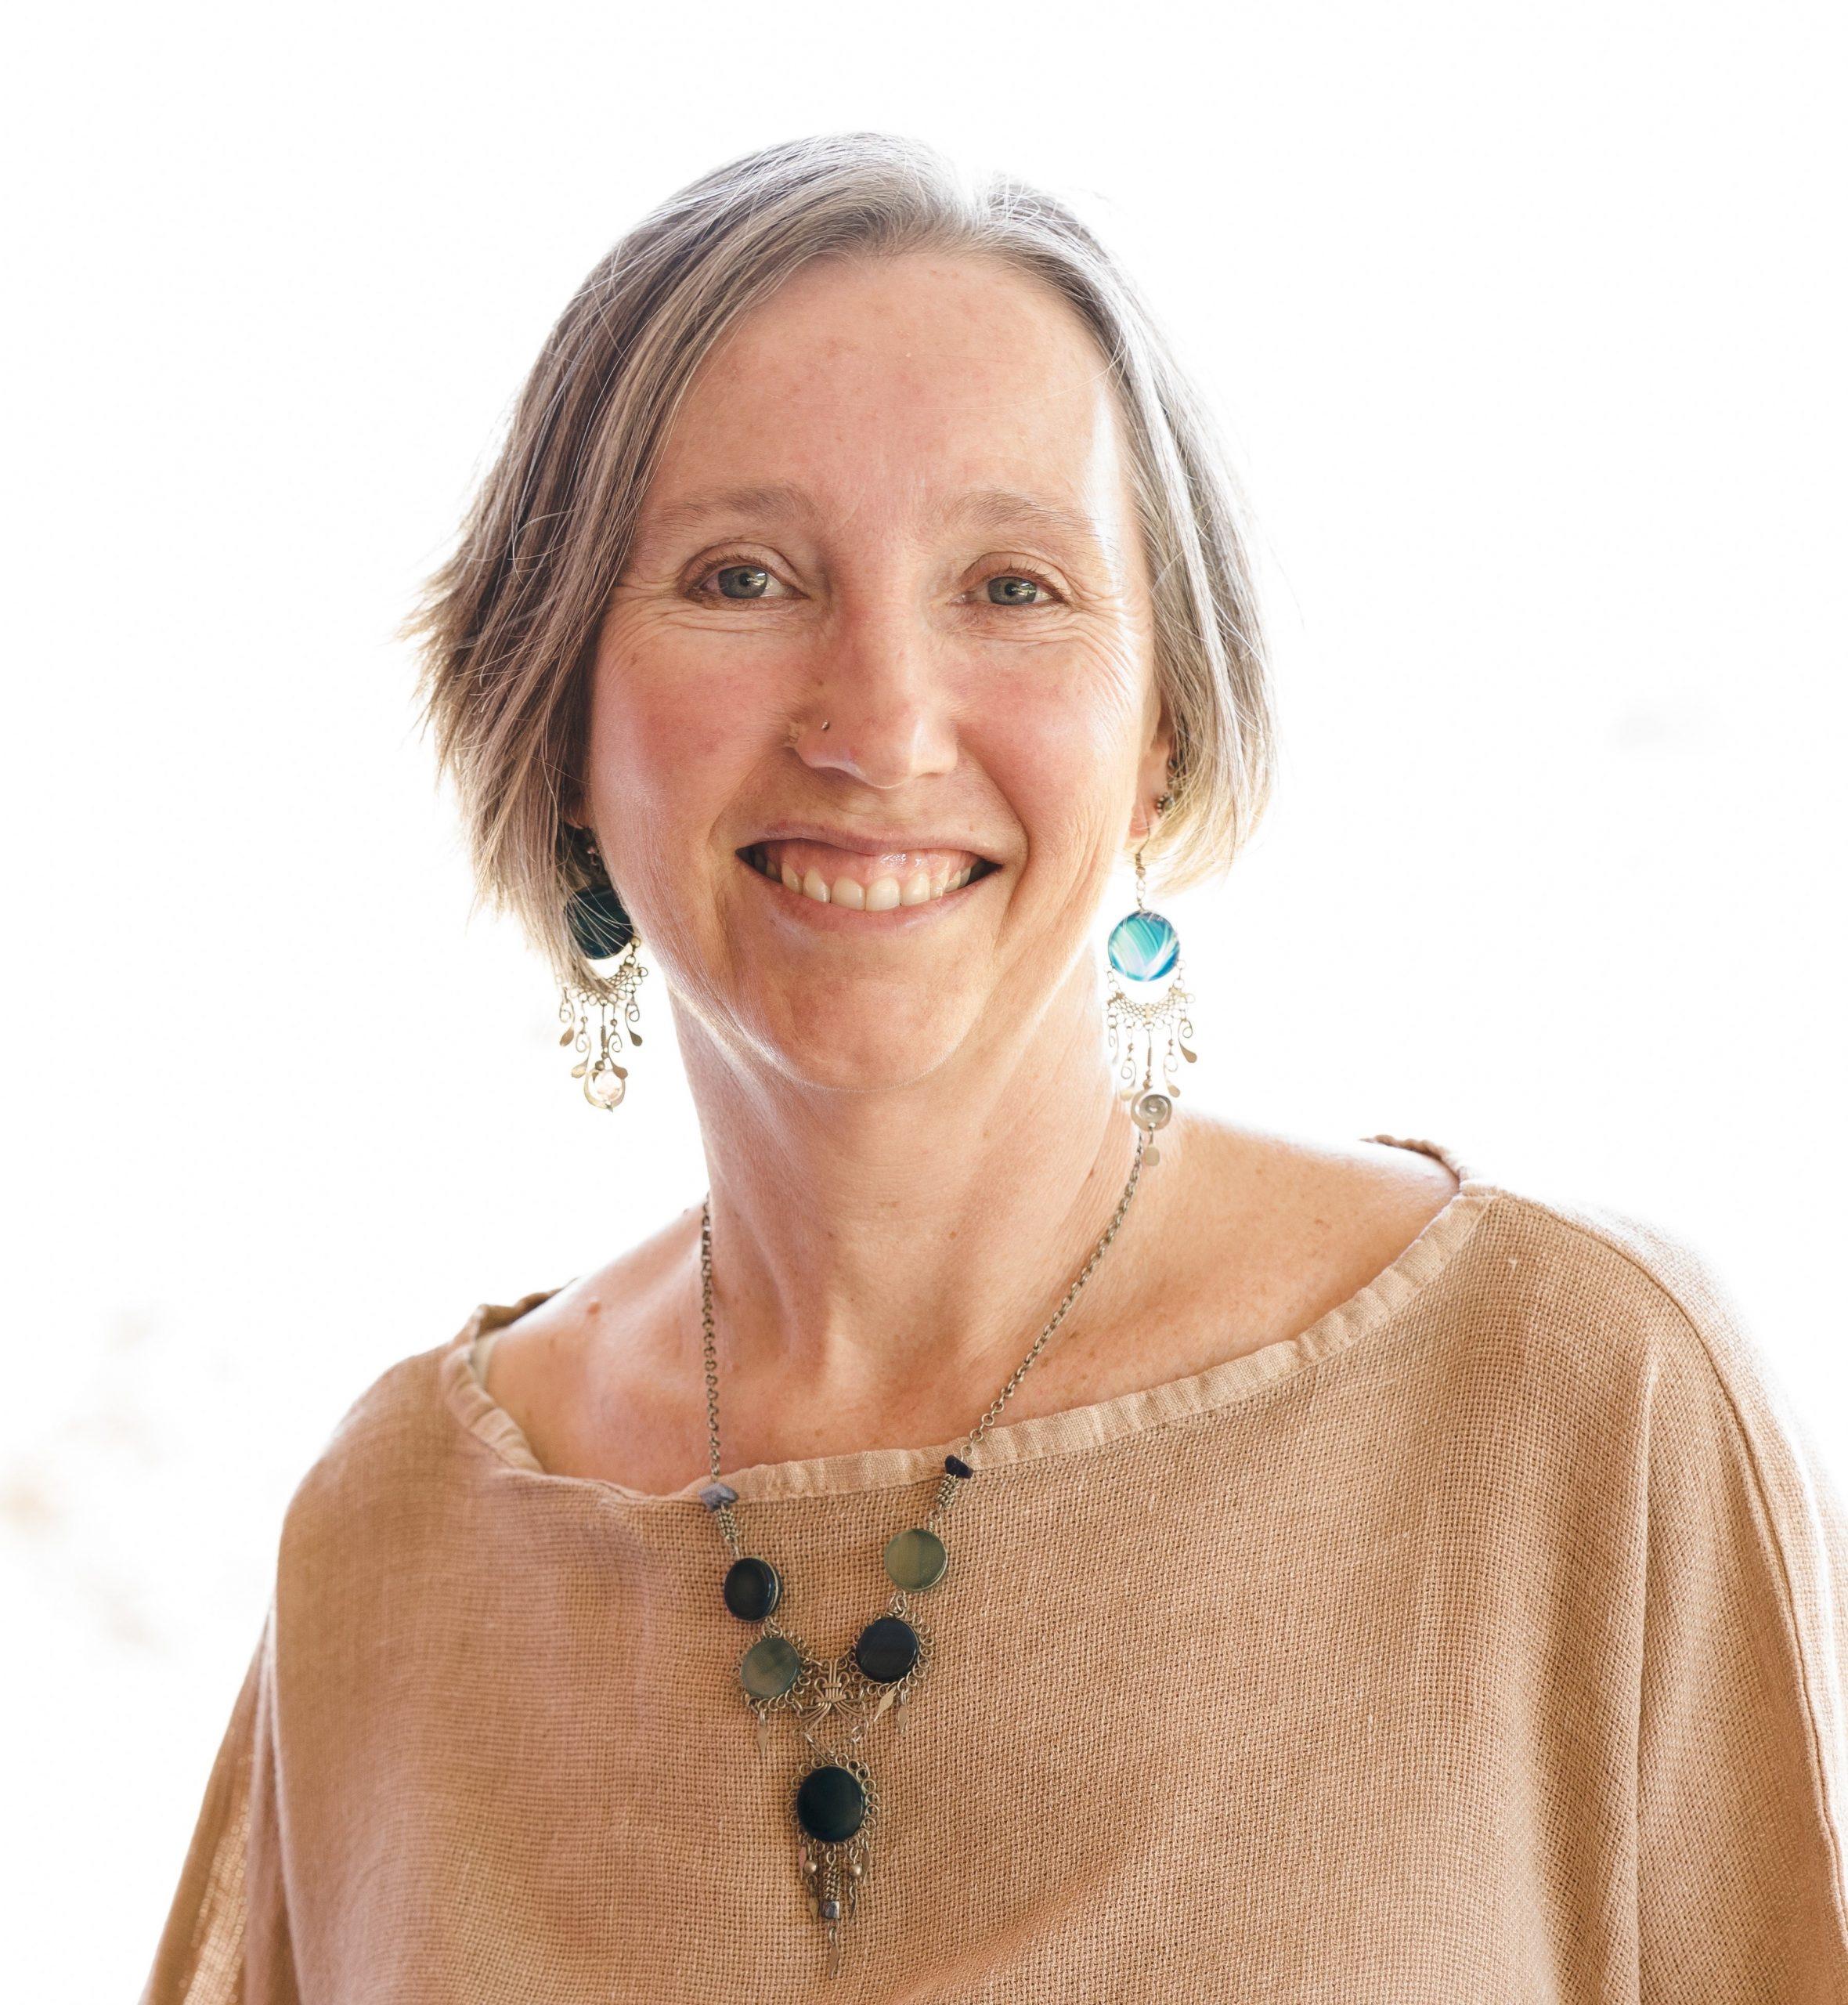 Sonya Gibbons